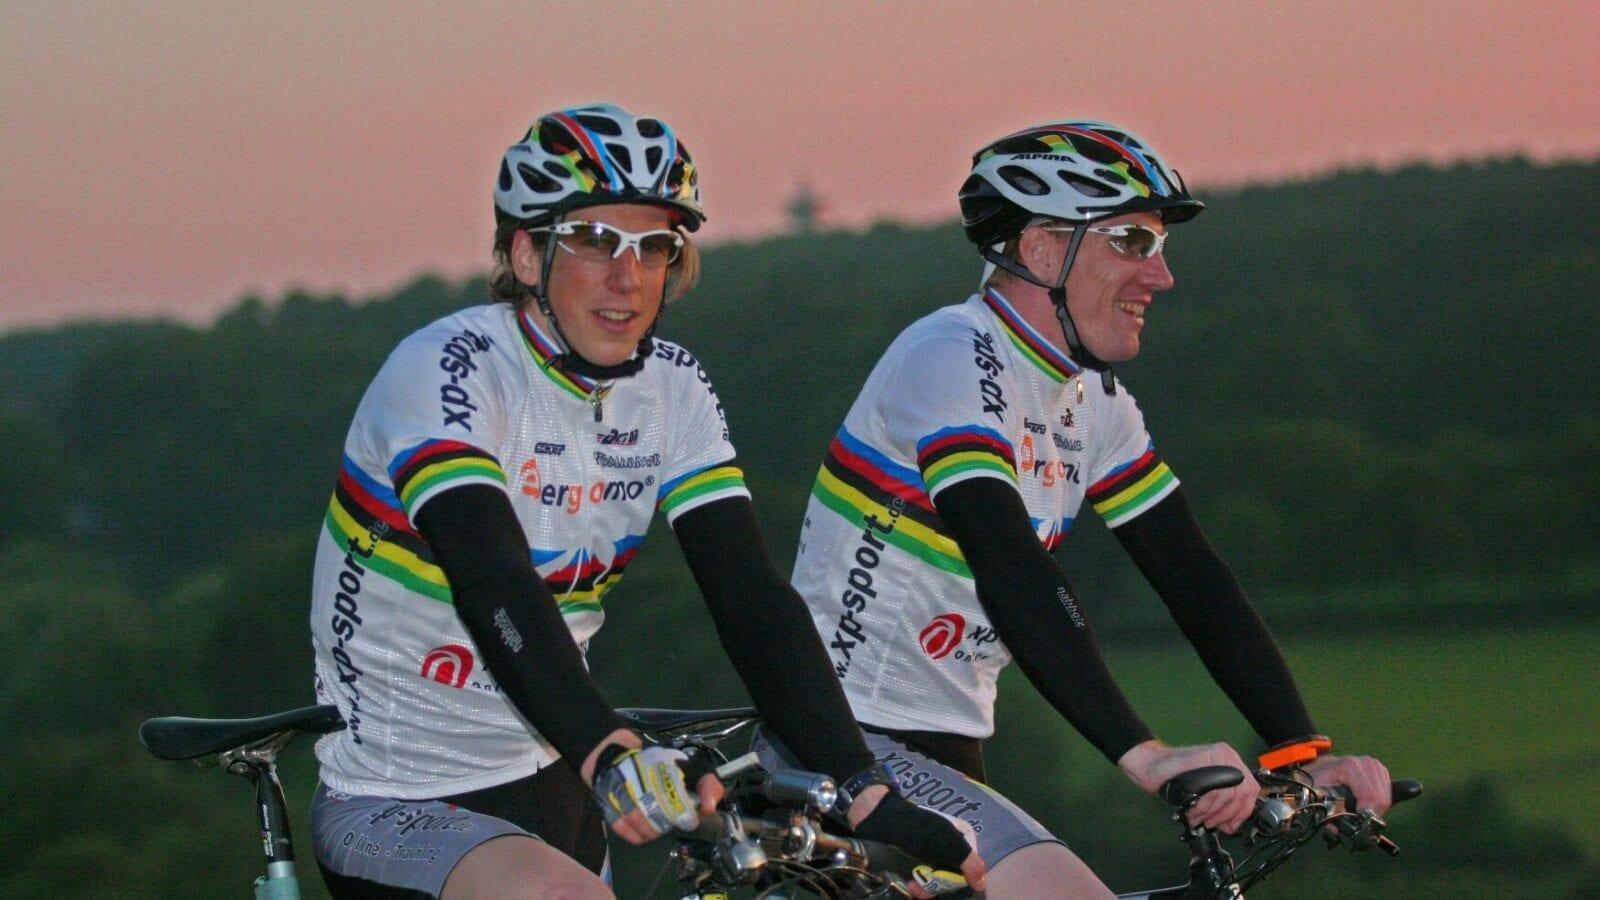 Radsport Weltmeistertrikot mit Regenbogenstreifen